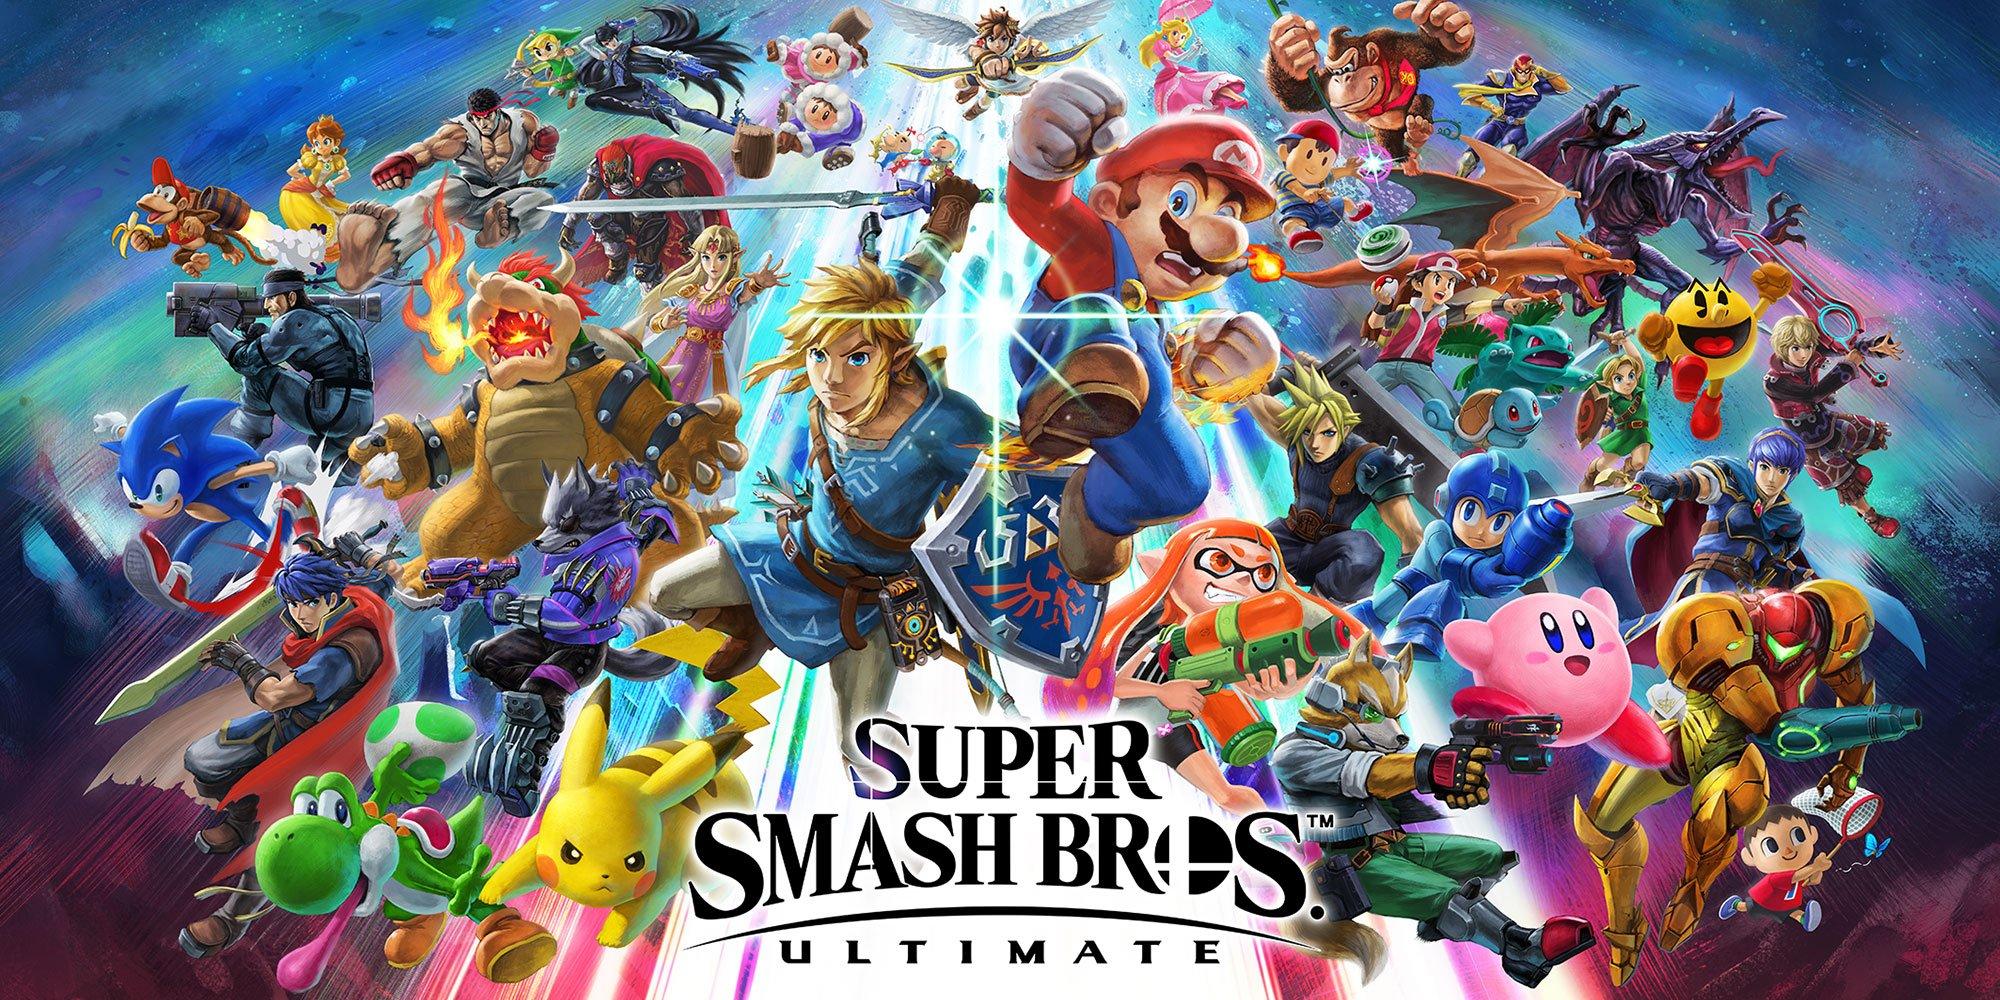 Pesquisa criada pela Source Gaming mostra quais os personagens que os fãs desejam que tenham no Super Smash Bros. Ultimate.